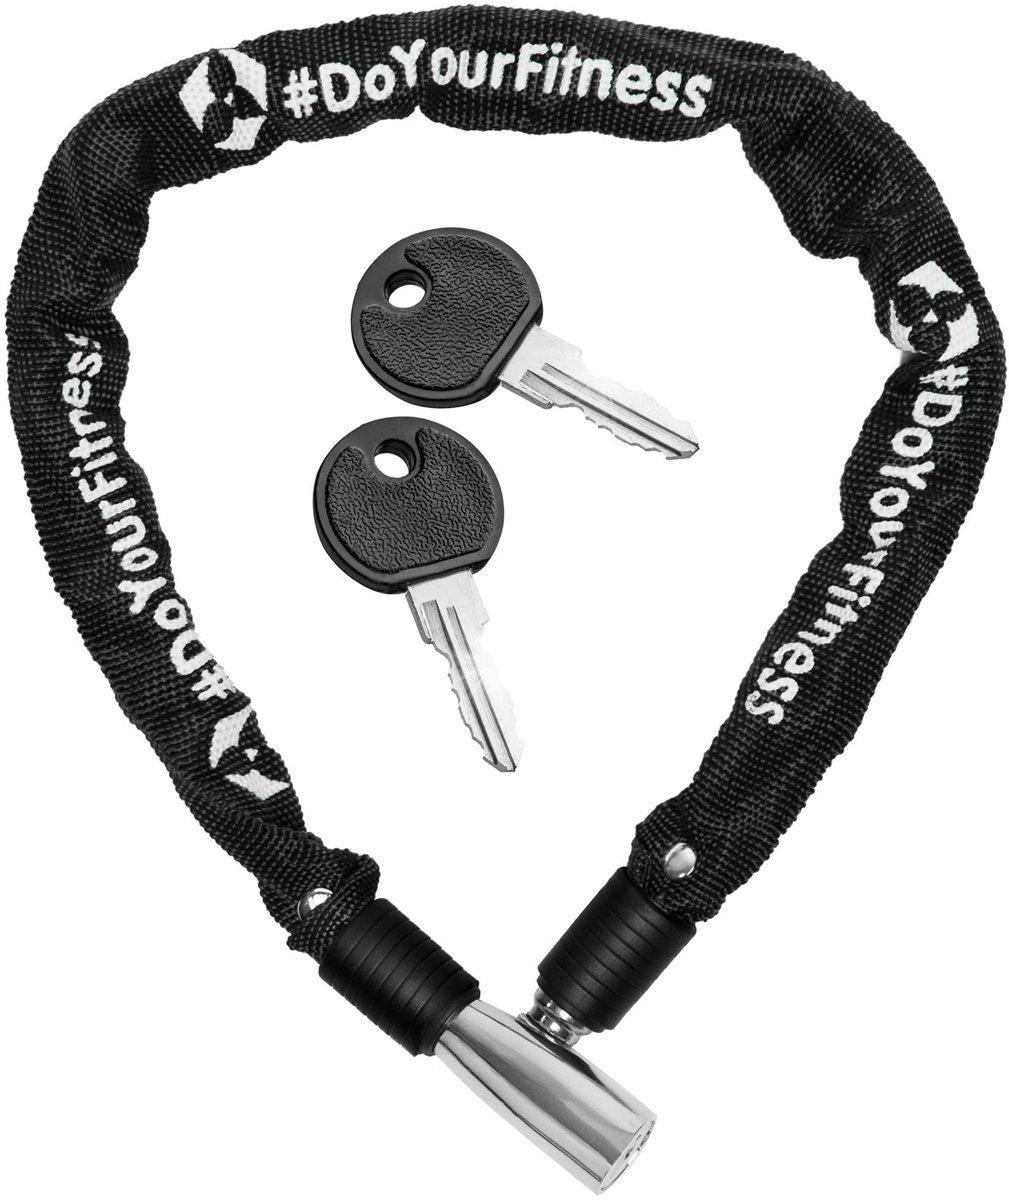 #DoYourOutdoor - Fietsslot - »Guardian« - Kettingslot - L 60 cm,  Ø ca. 20 cm, dikte ca. 3/4 mm - zwart